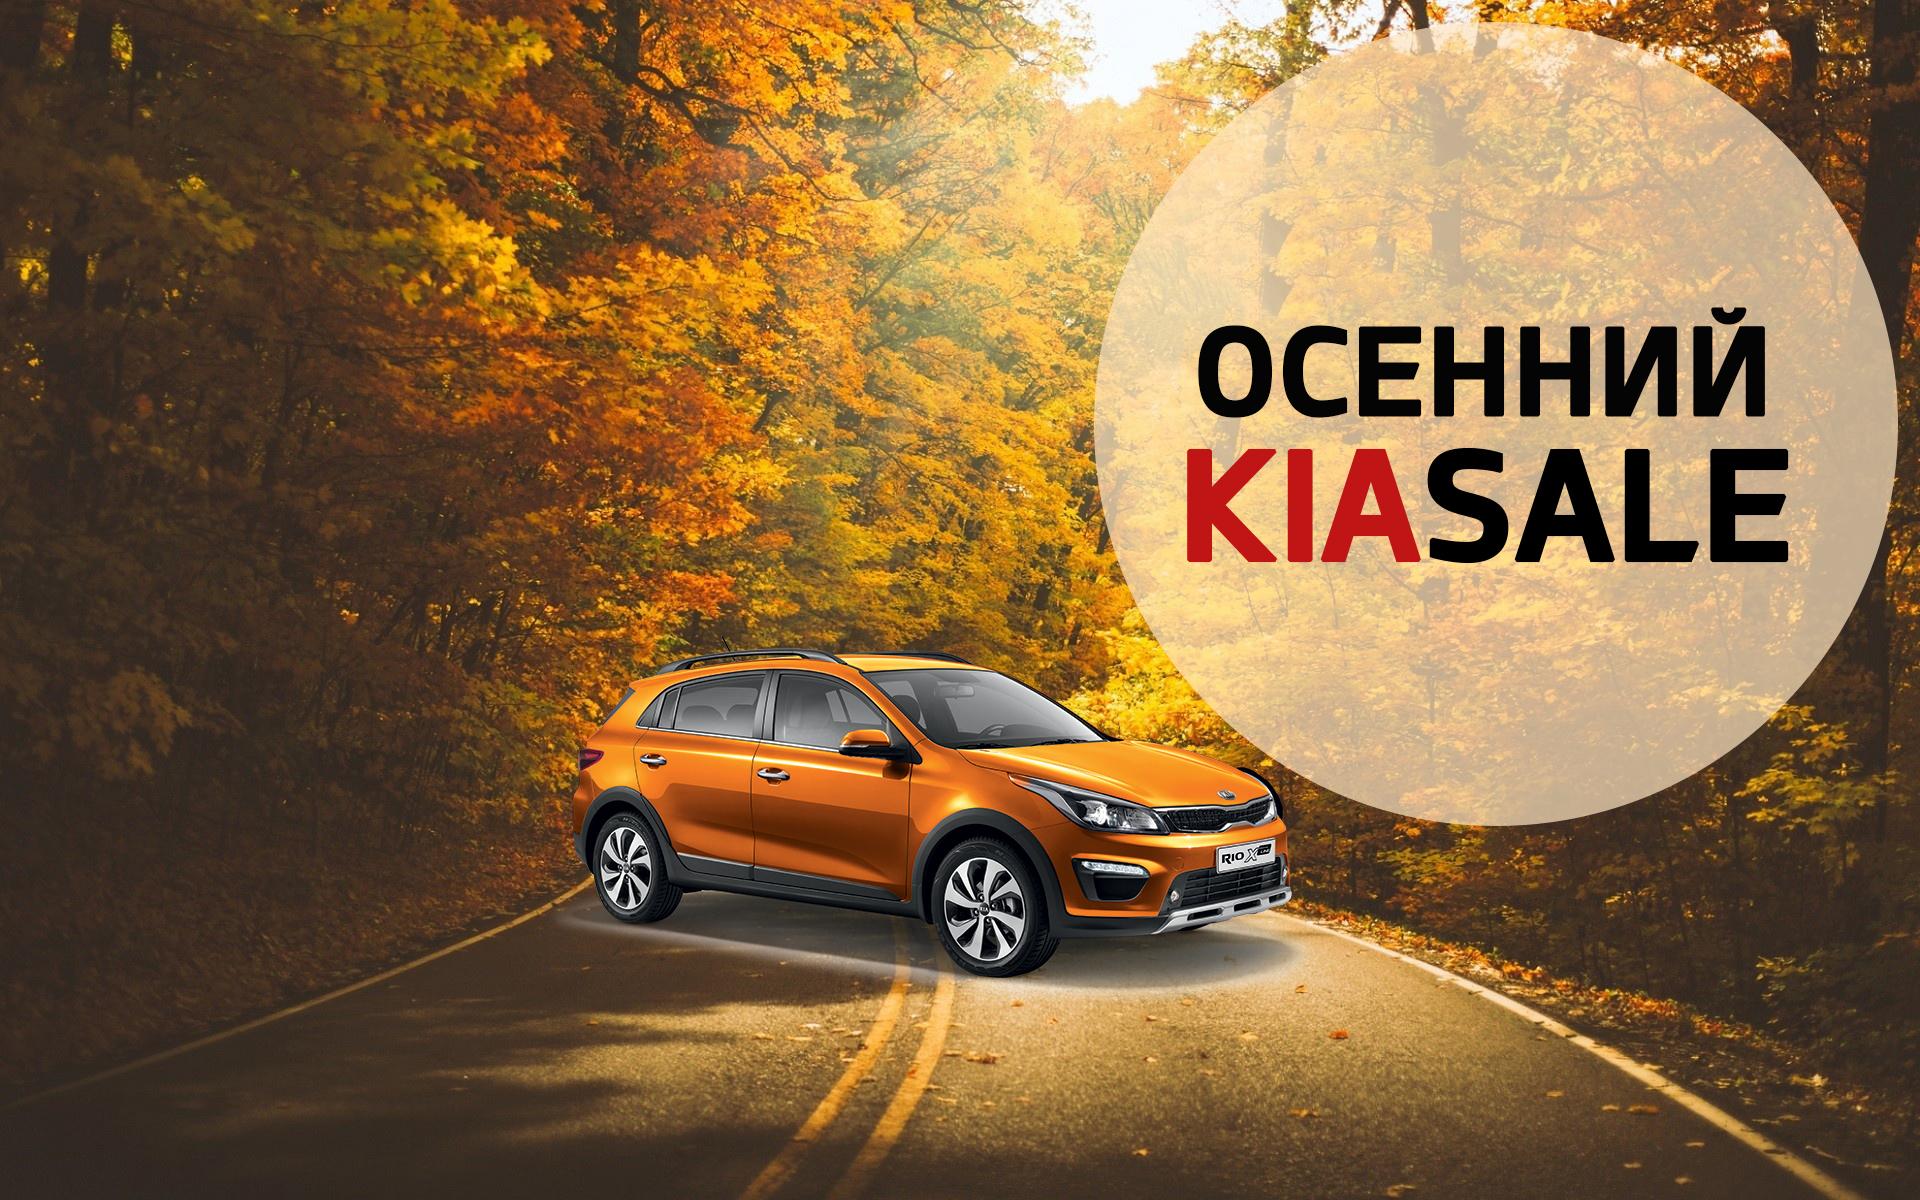 KIA-rus